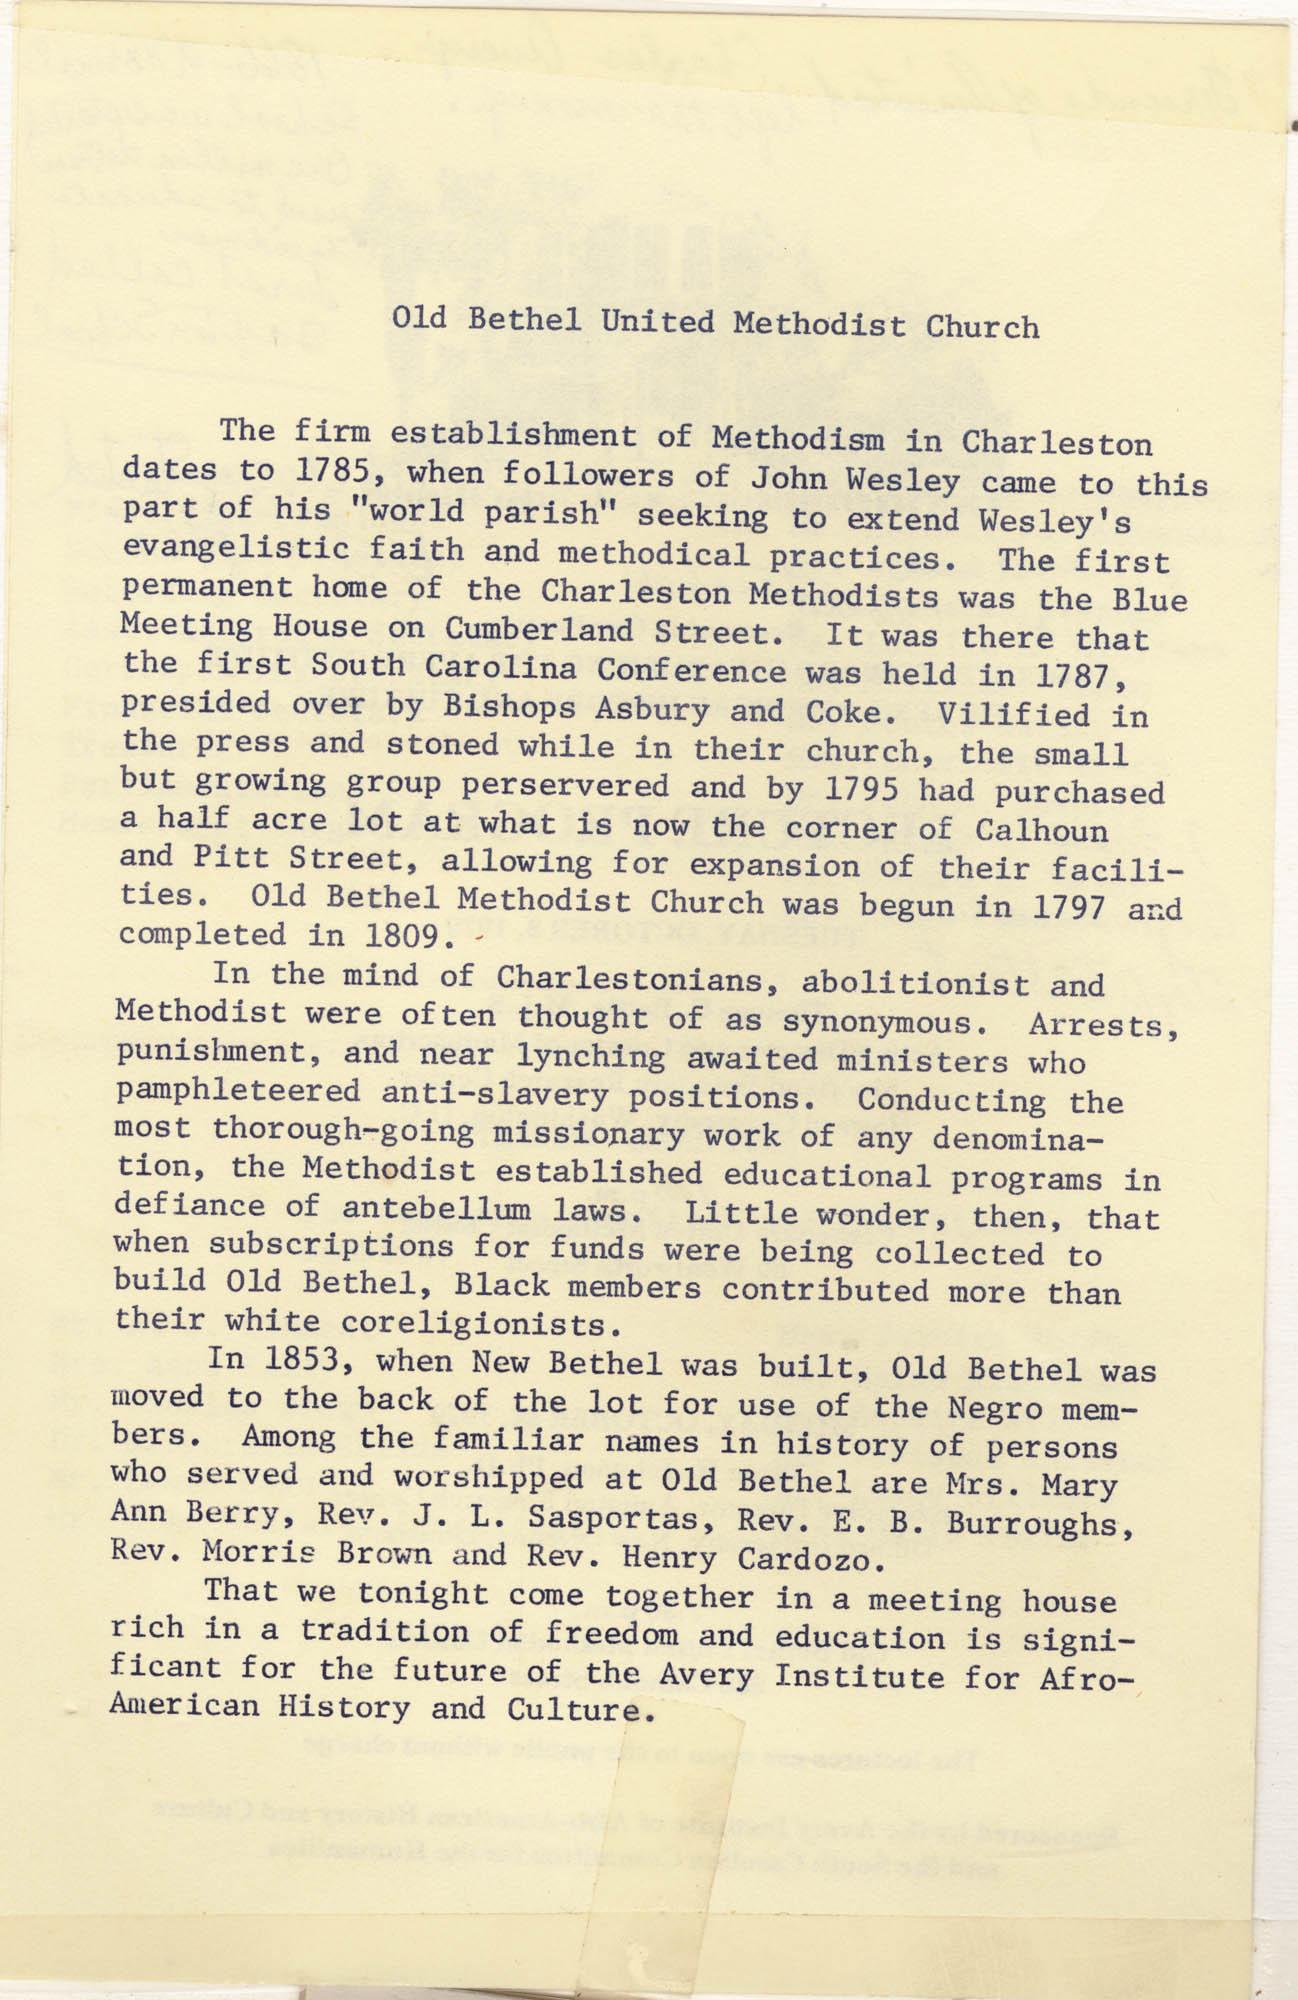 Septima P. Clark Scrapbook, Page 154